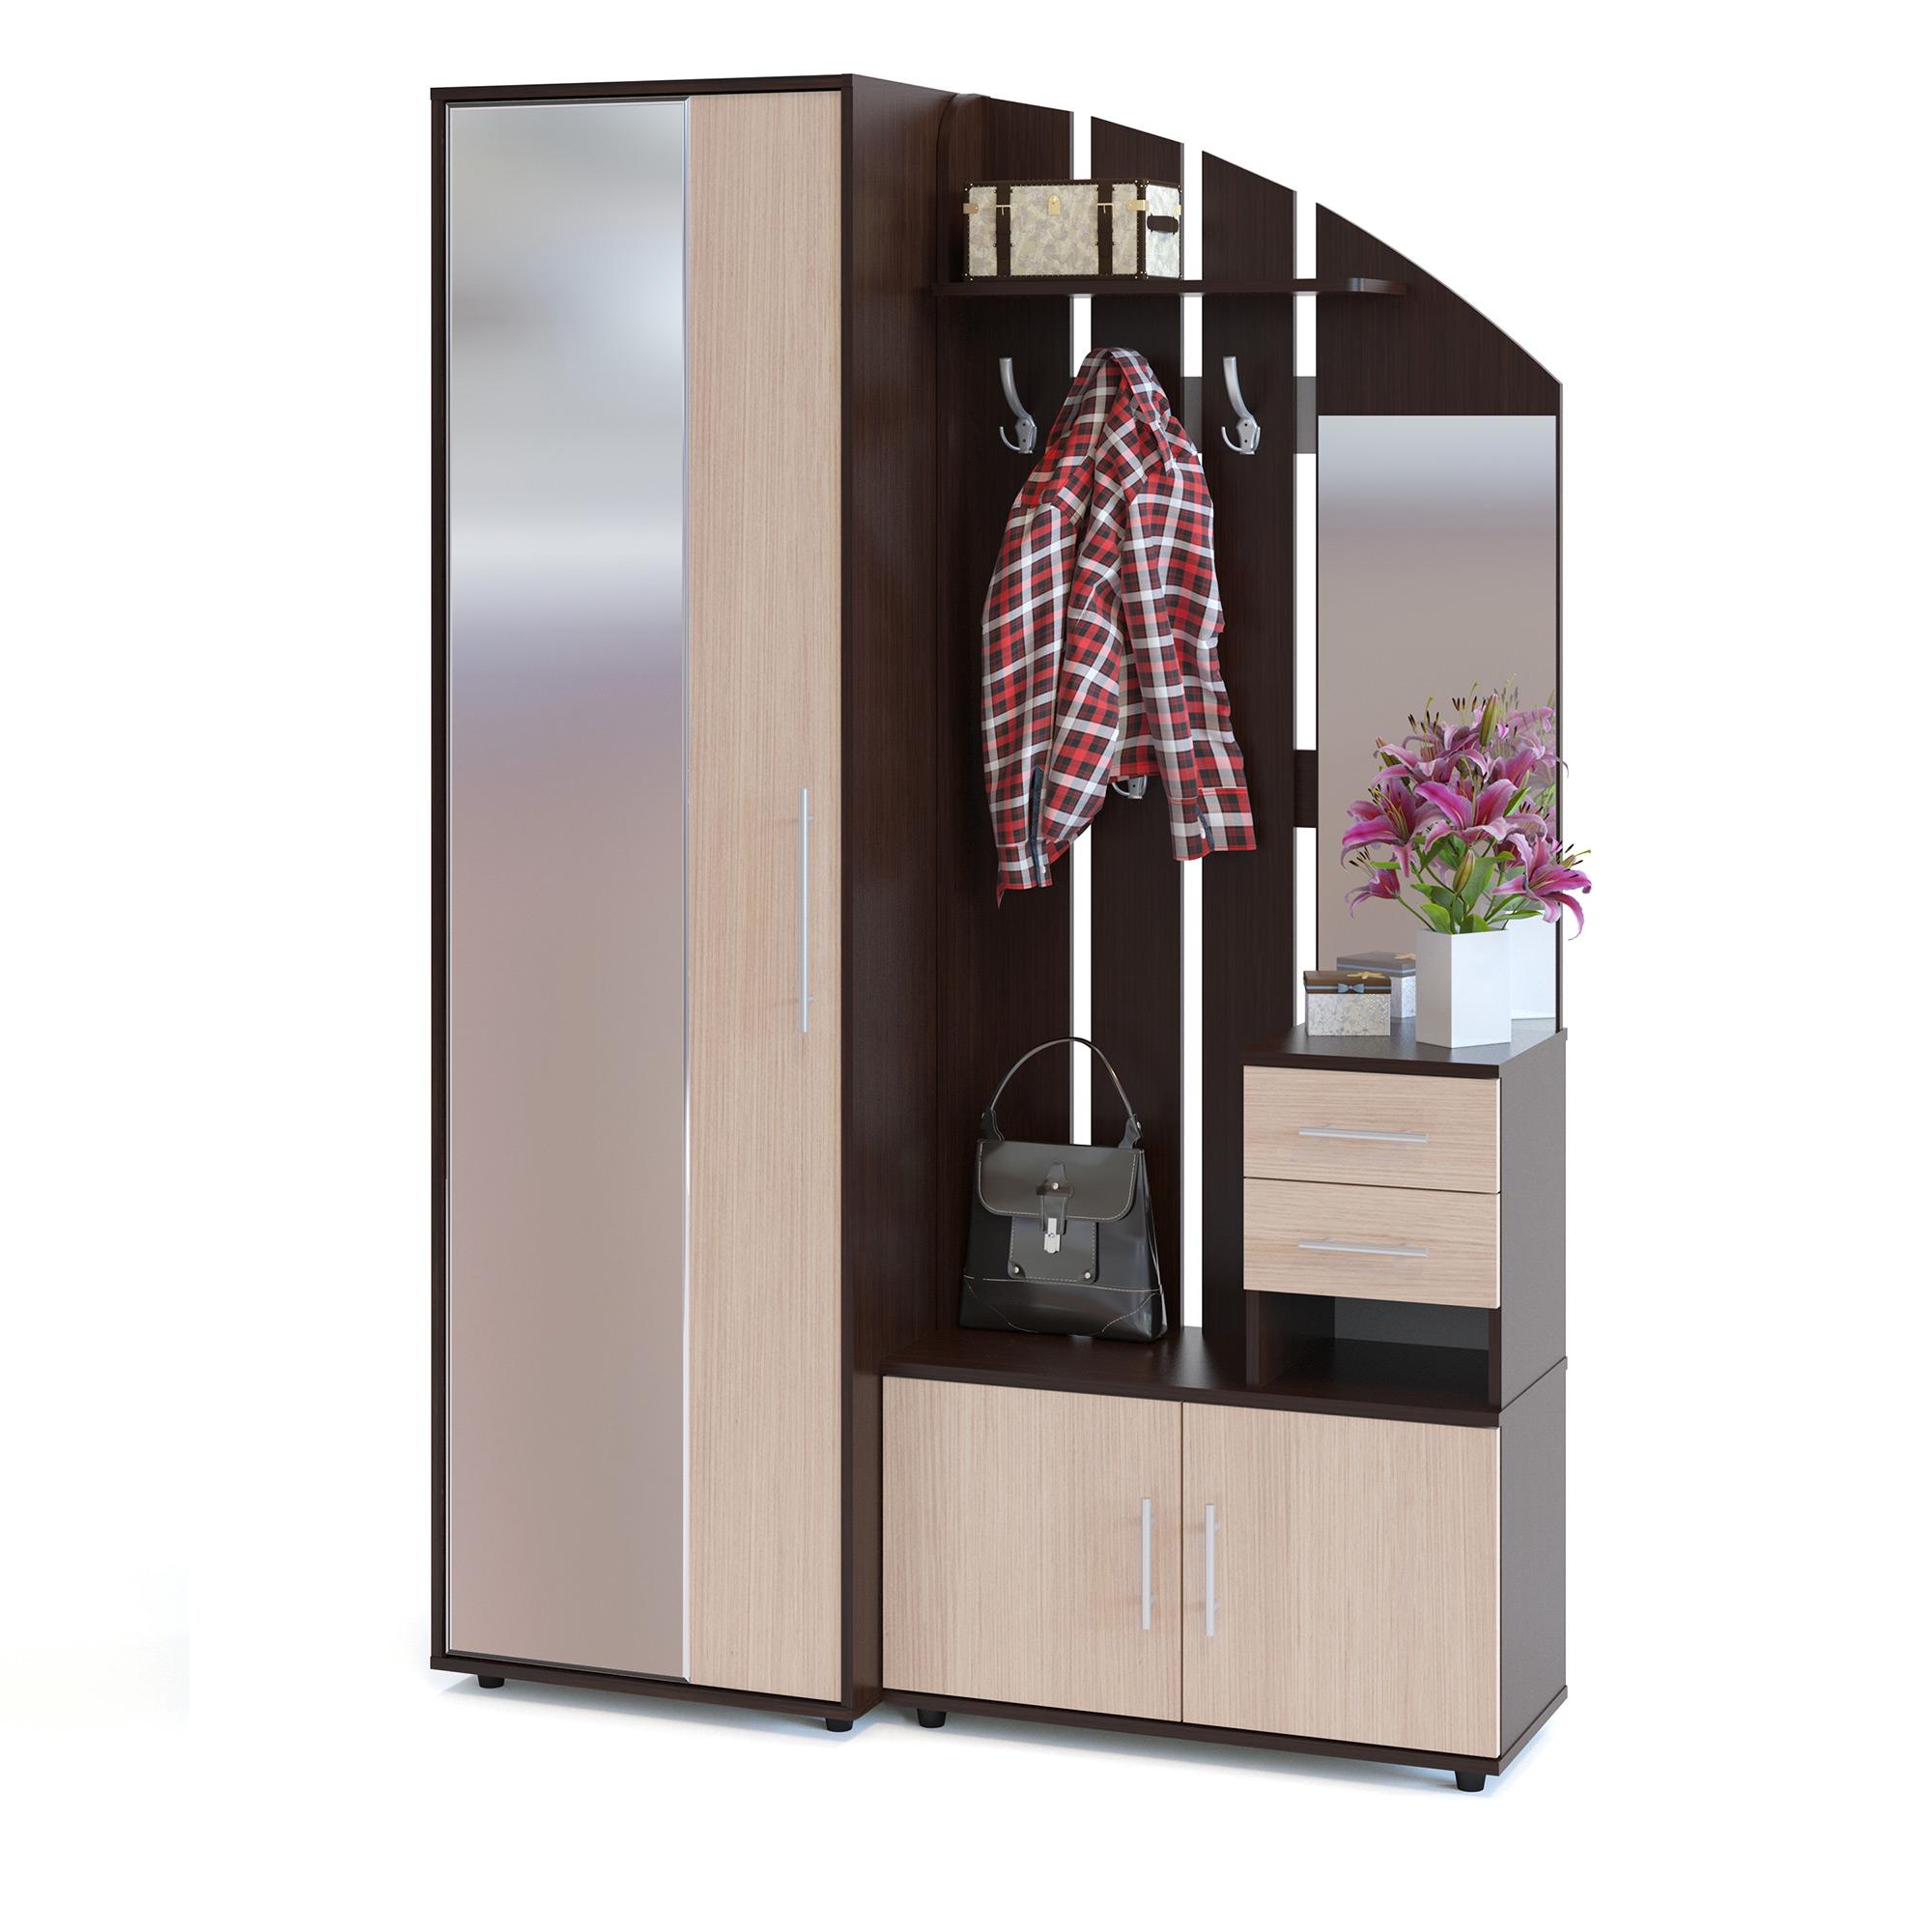 Шкаф платяной с вешалкой Сокол ШО-2+ВШ-1 дуб венге/белёный дуб, 140х43х209 см